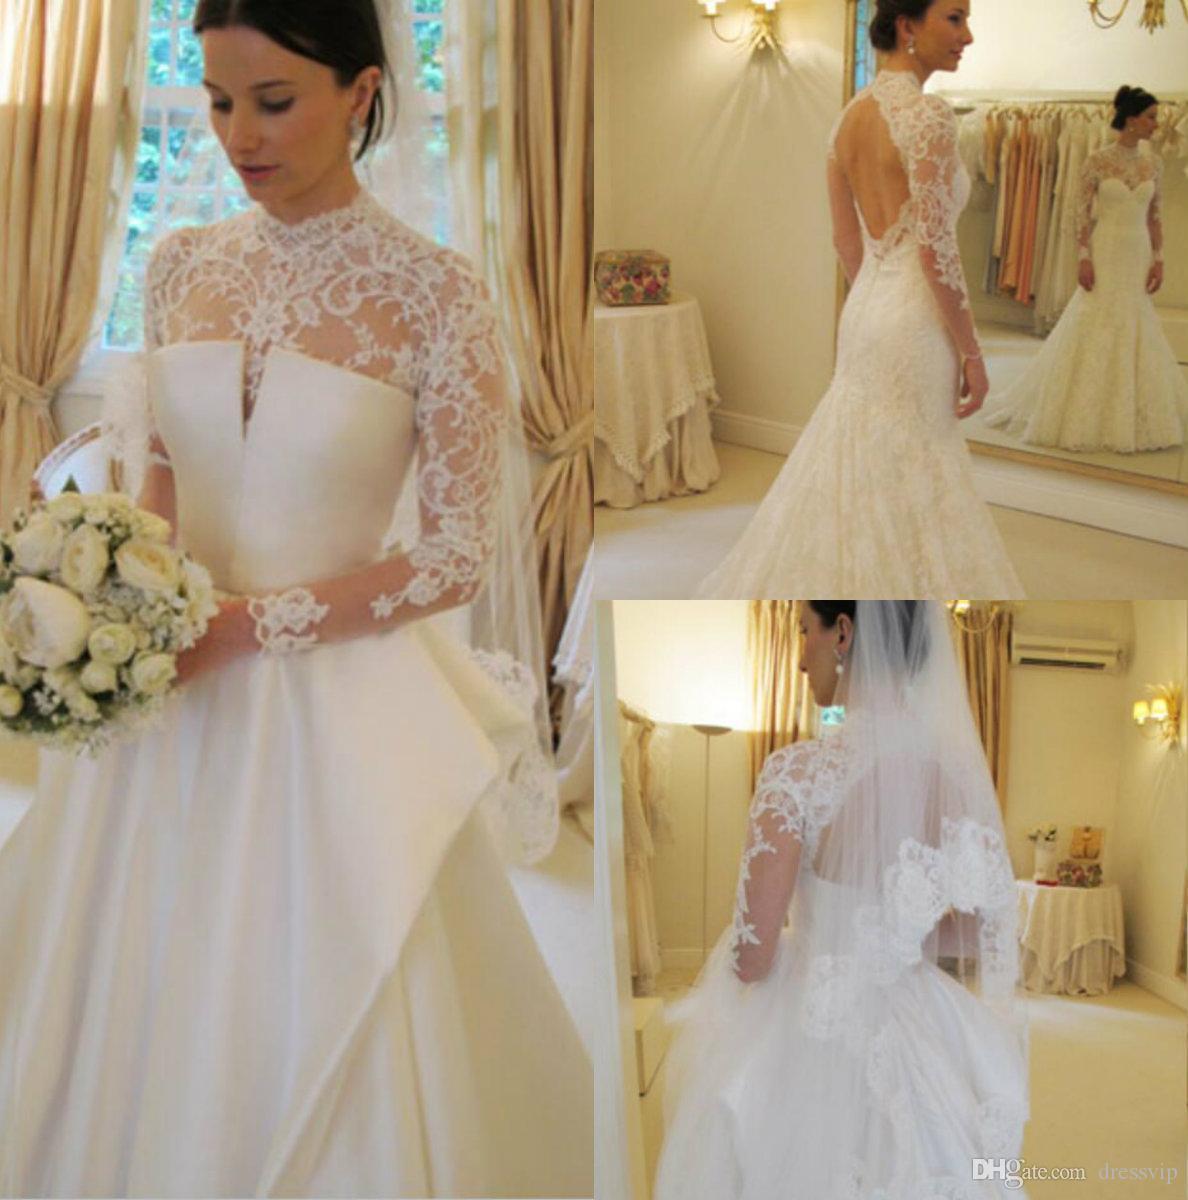 5e91f91717d6c 2019 Modest Wedding Dresses With Detachable Skirt Lace Applique Long Sleeve  Mermaid Wedding Dress Sweep Train Custom Made Vestidos De Novia